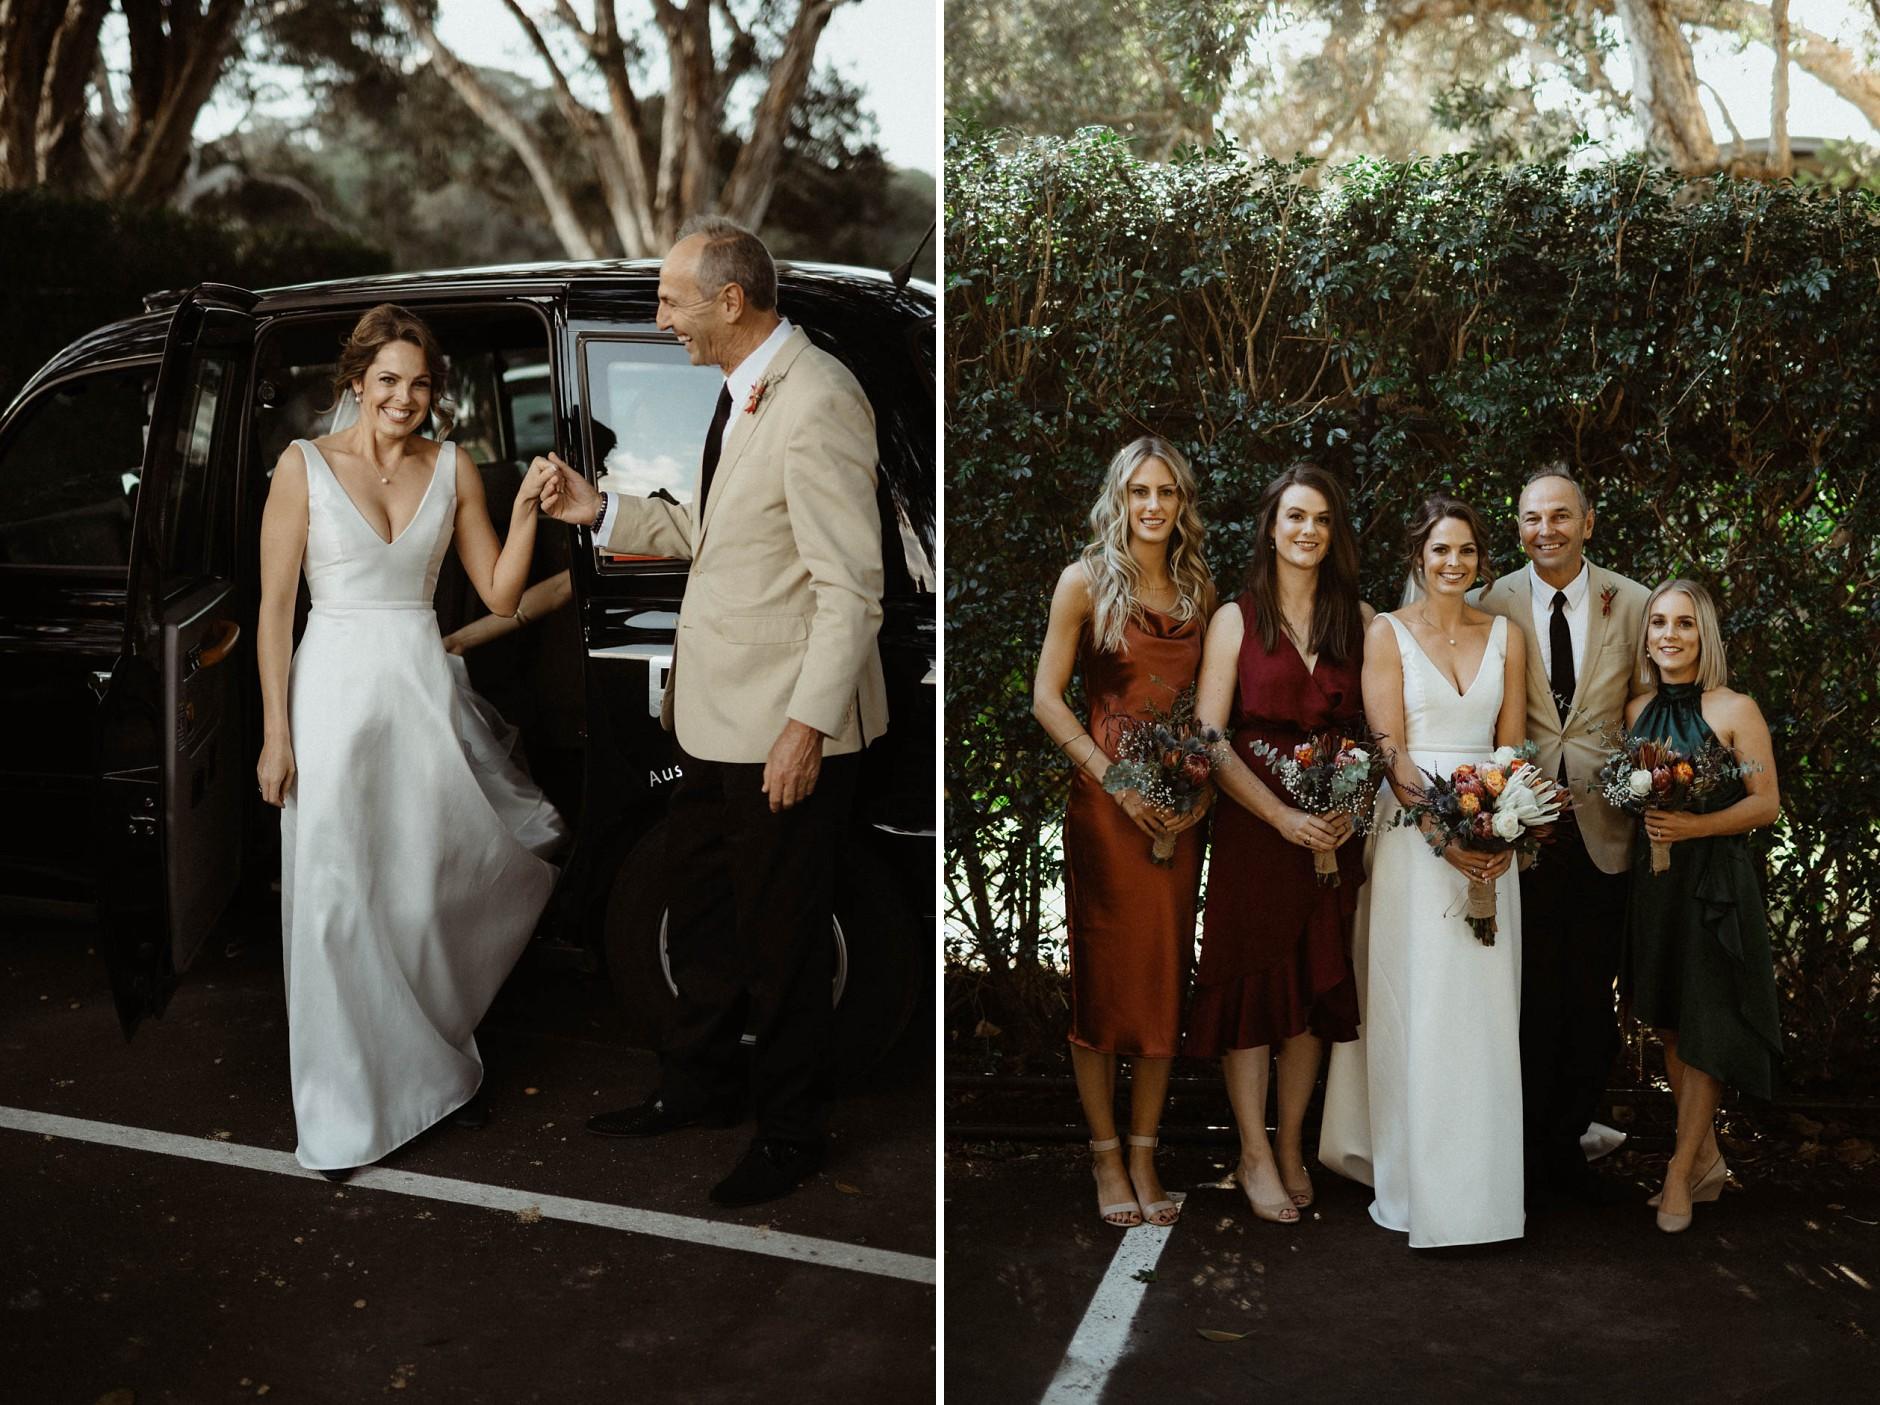 Sydney-Wedding-Photographer-kath&ross0271_Sydney-Wedding-Photographer.jpg